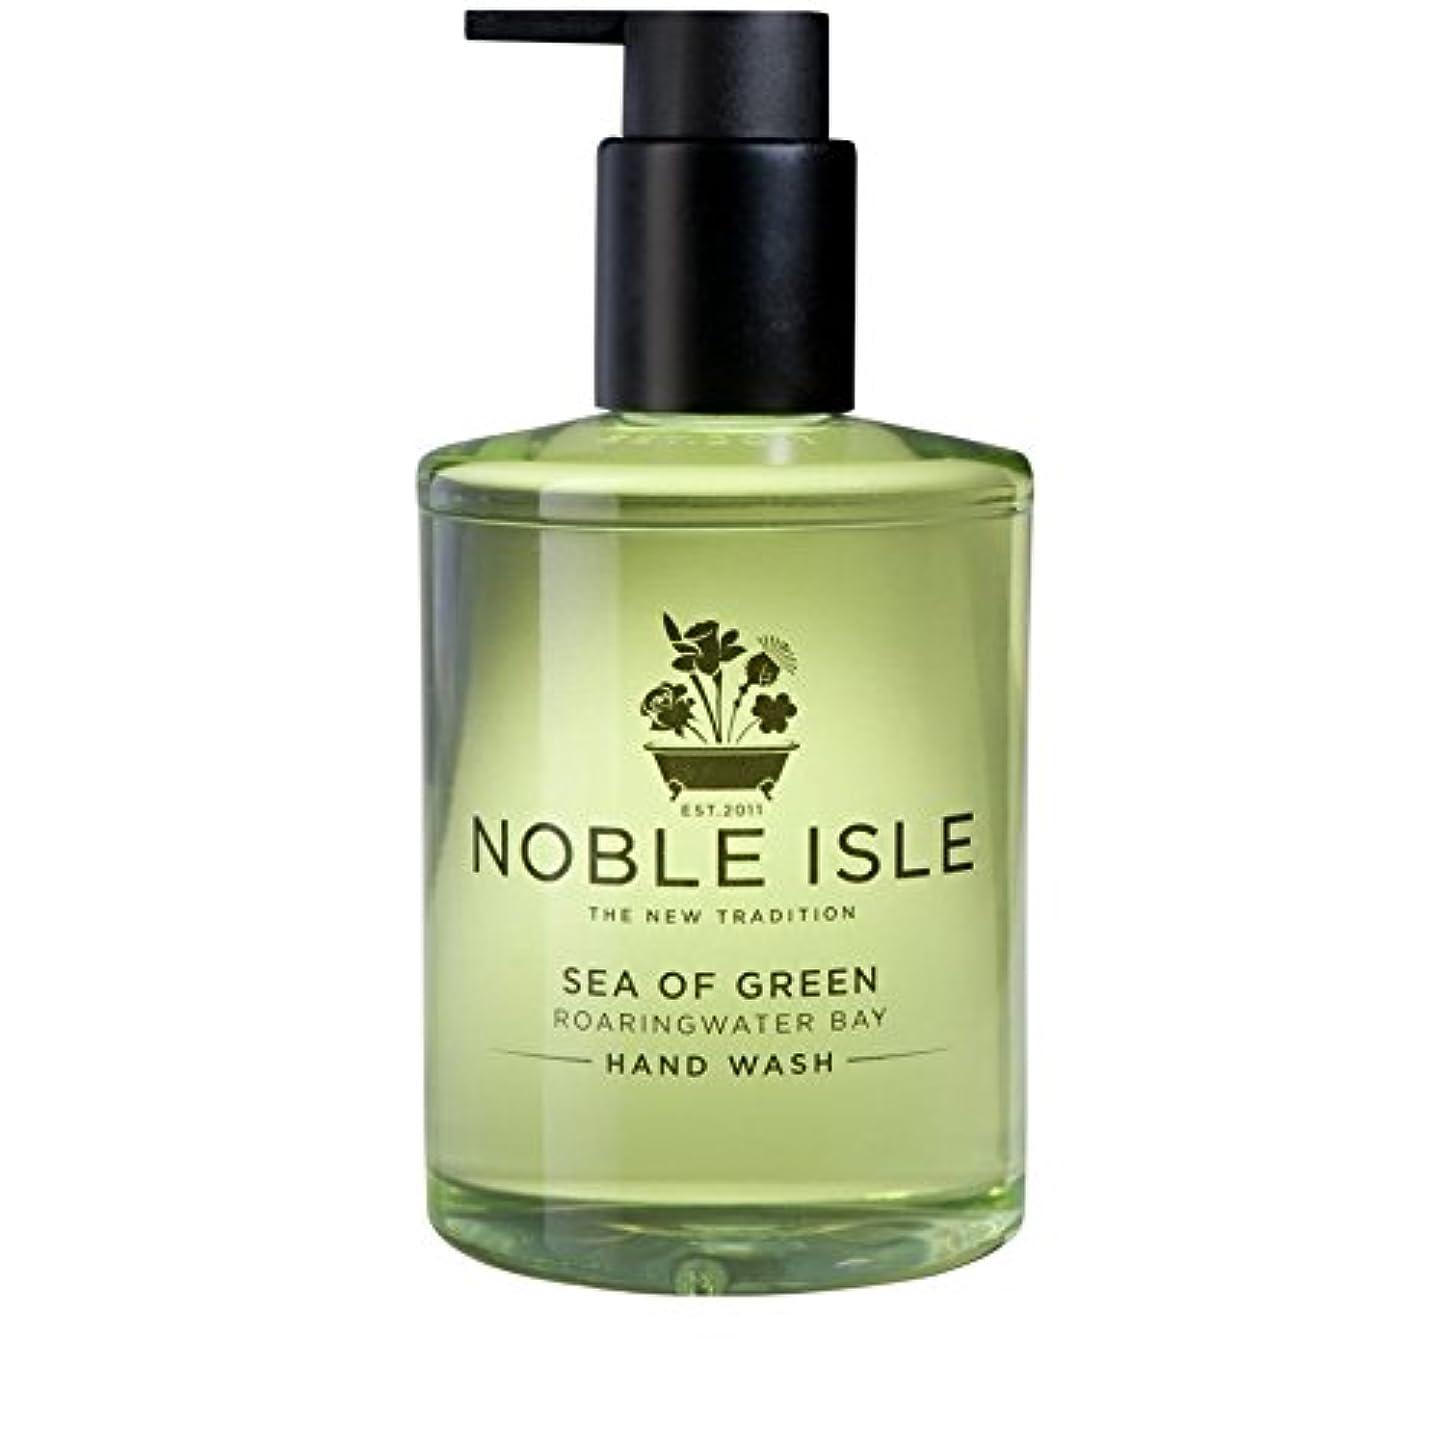 埋める壊れた時刻表Noble Isle Sea of Green Roaringwater Bay Hand Wash 250ml - 緑ベイハンドウォッシュ250ミリリットルの高貴な島の海 [並行輸入品]